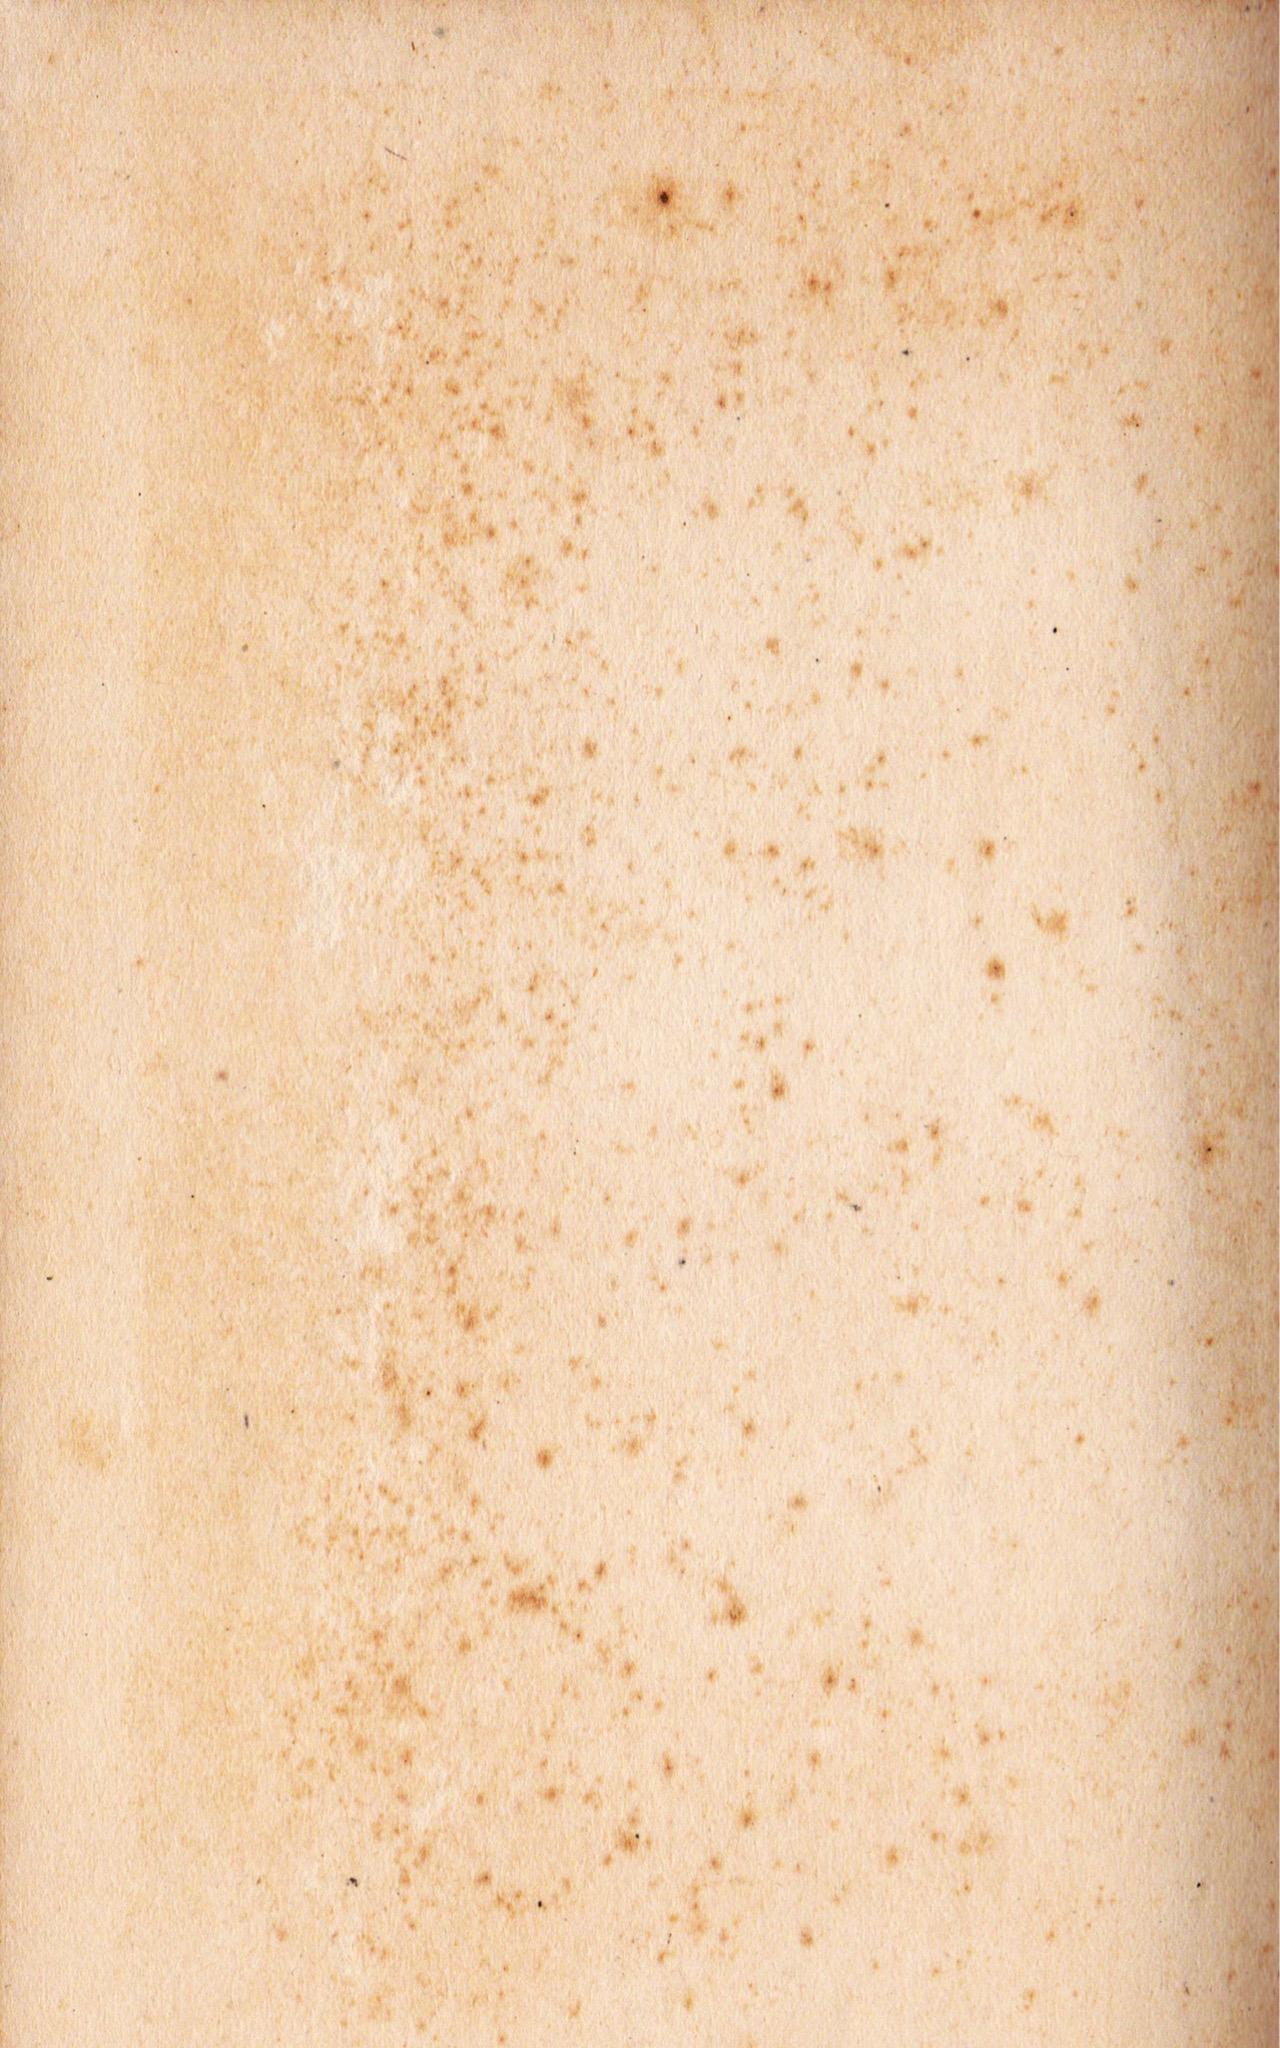 vintage-paper-texture